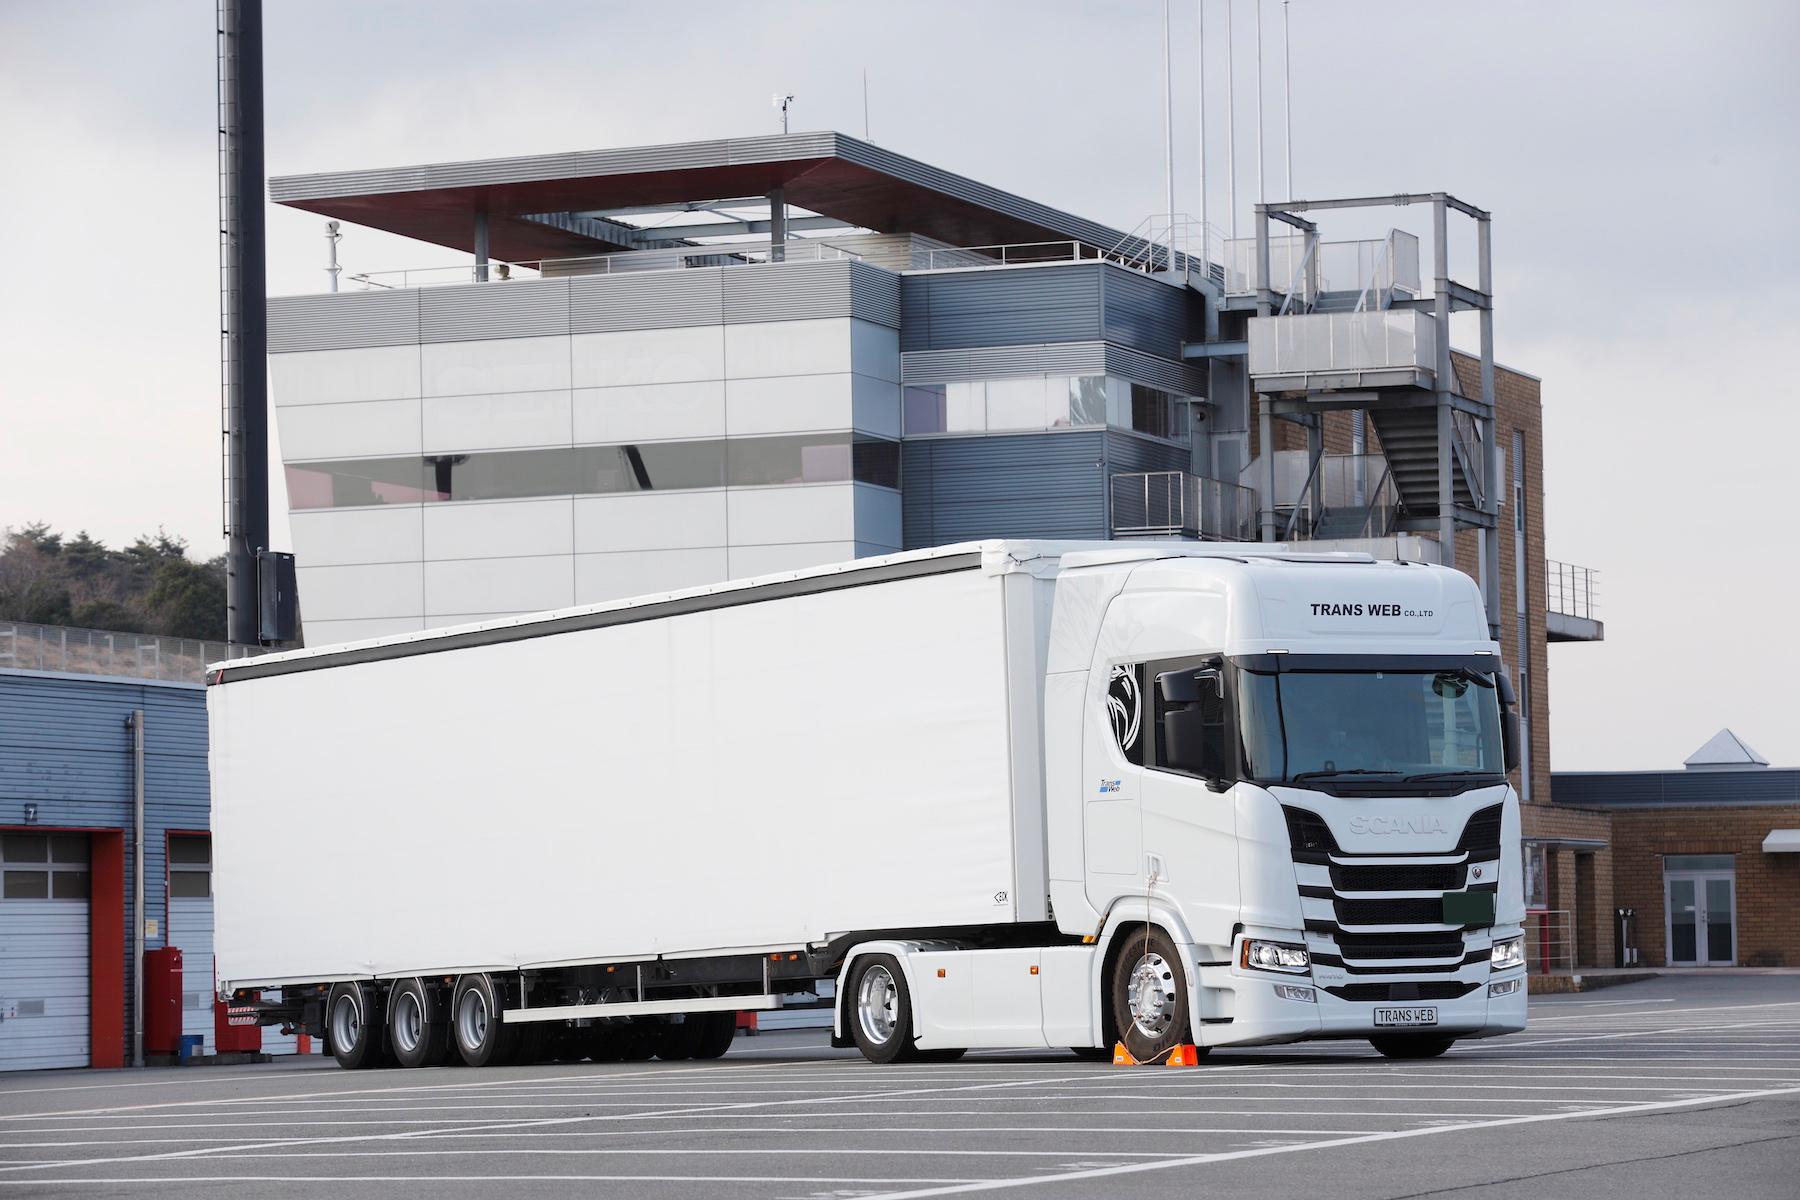 カモフラージュされたスカニアの新モデルに乗った「ファースト・ランナー」による試乗インプレッションをお届け